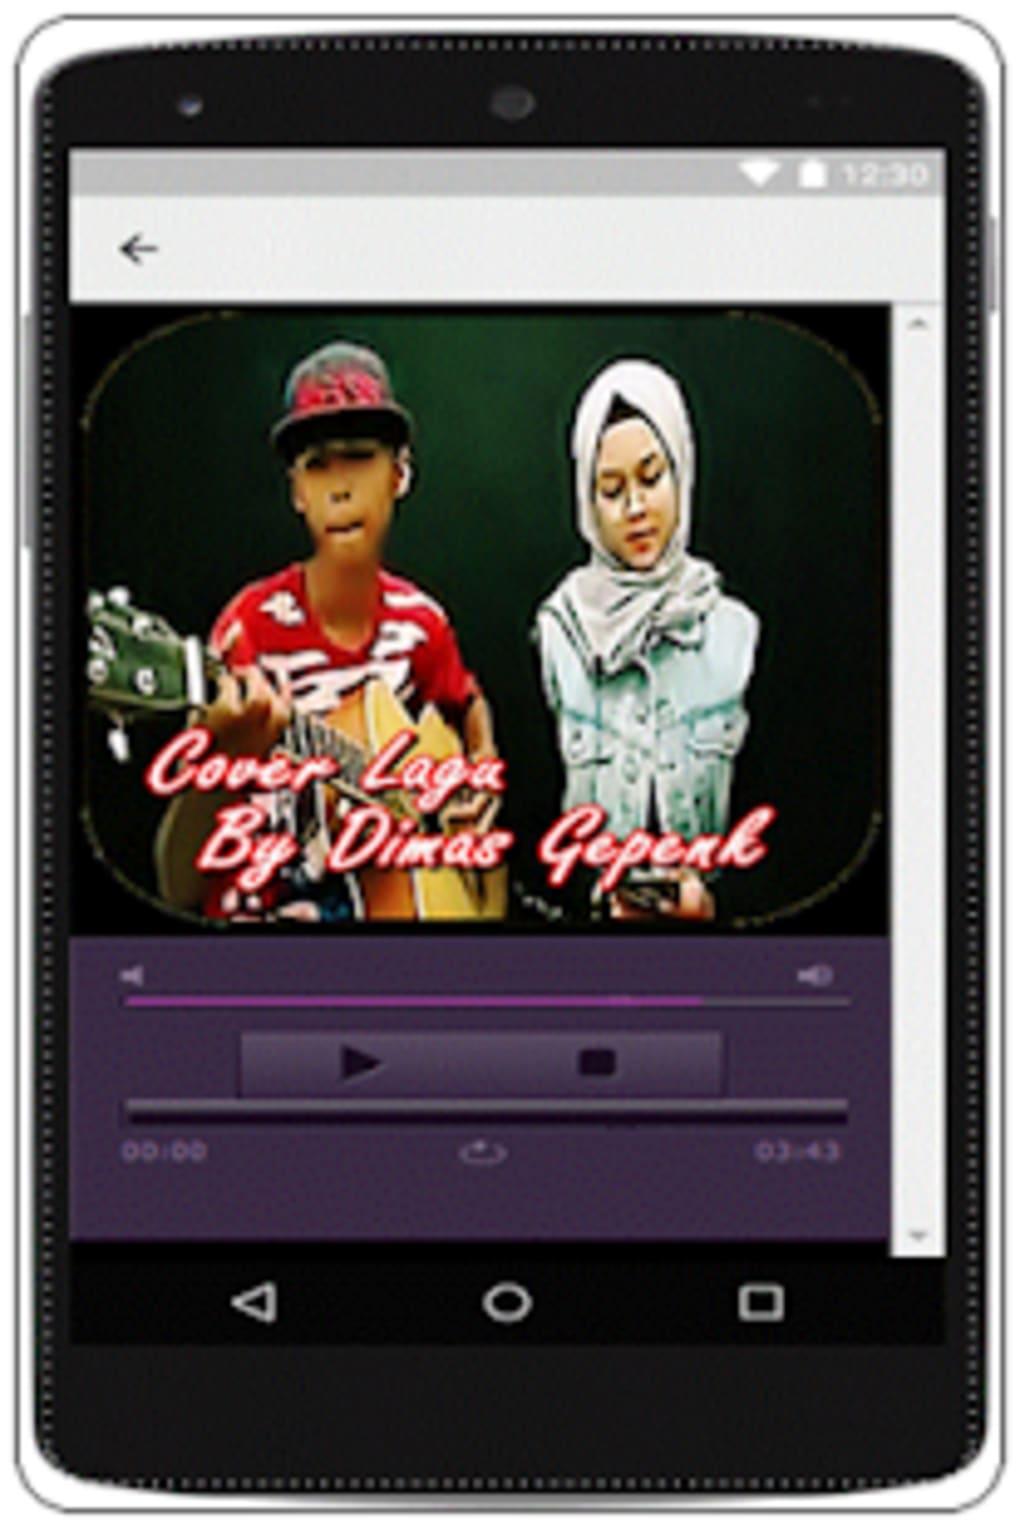 download lagu bagai kan langit dan bumi versi dimas gepenk